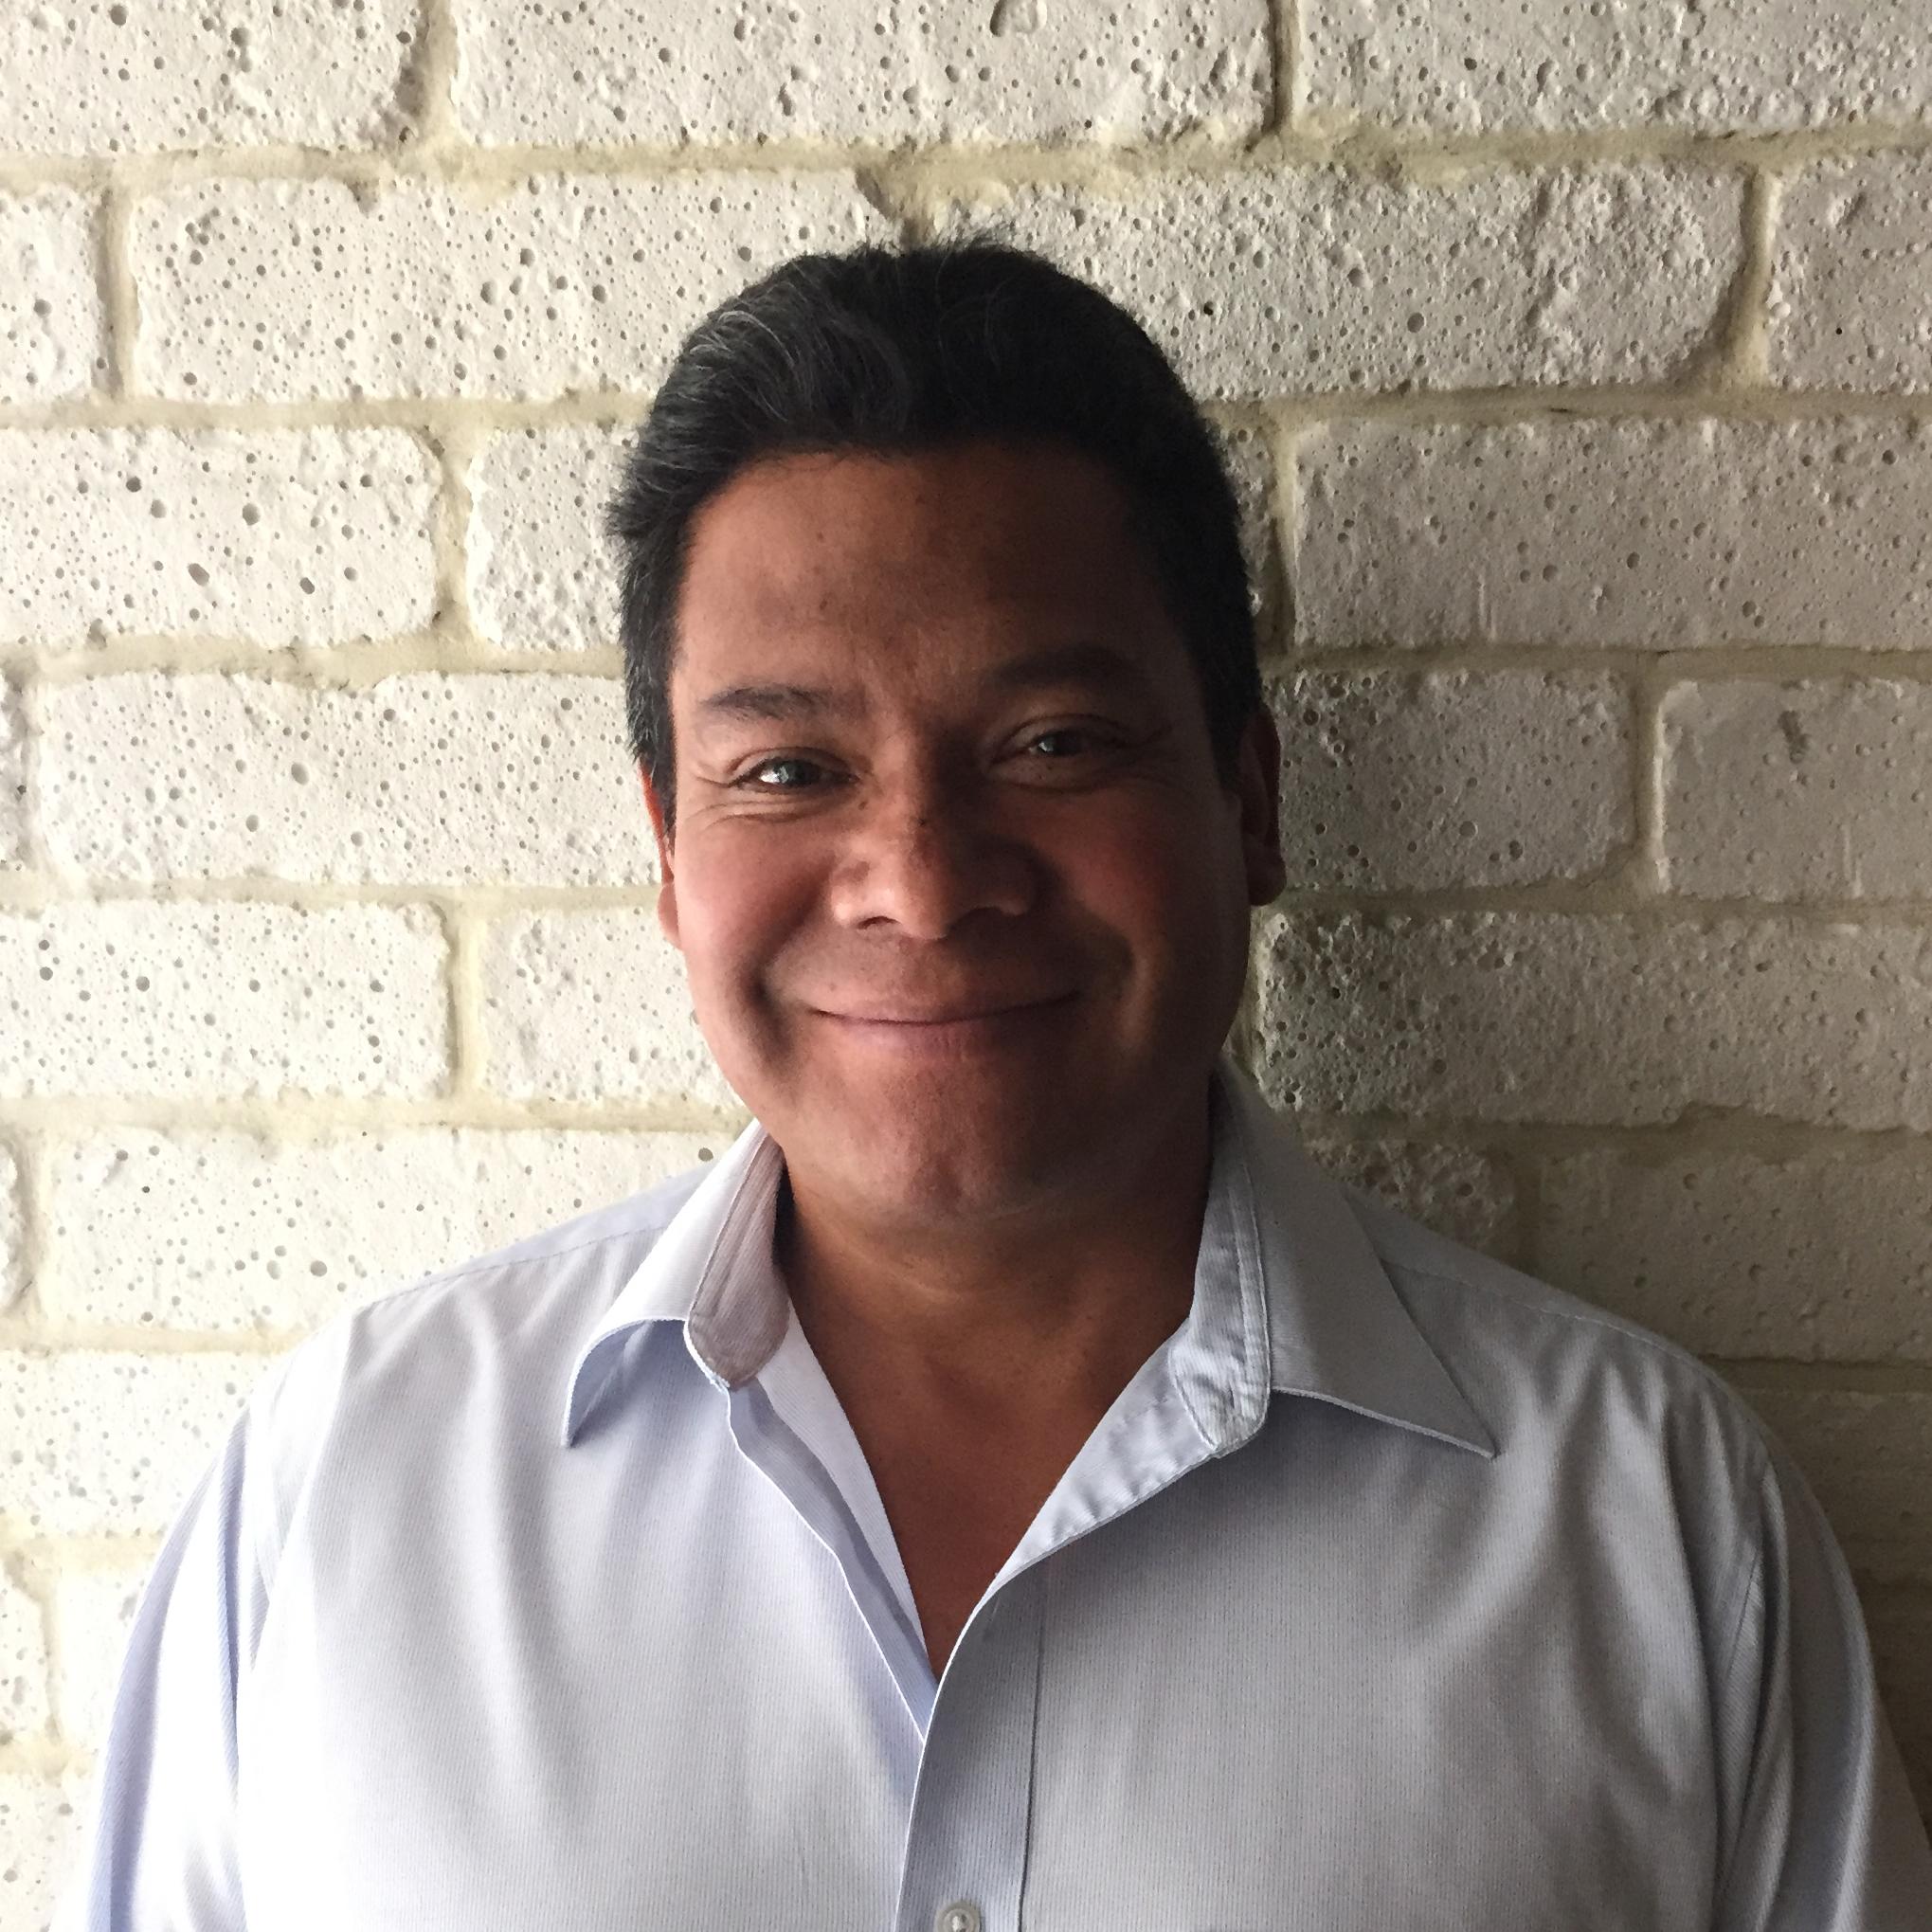 Jorge Cabrera se une a Rivadeneyra Arquitectos desde su fundación. Su trayectoria lo ha llevado a coordinar la construcción en la oficina. El 2015 lo ha visto volverse un huésped distinguido de Valle de Bravo, donde actualmente coordina la obra de dos casas.